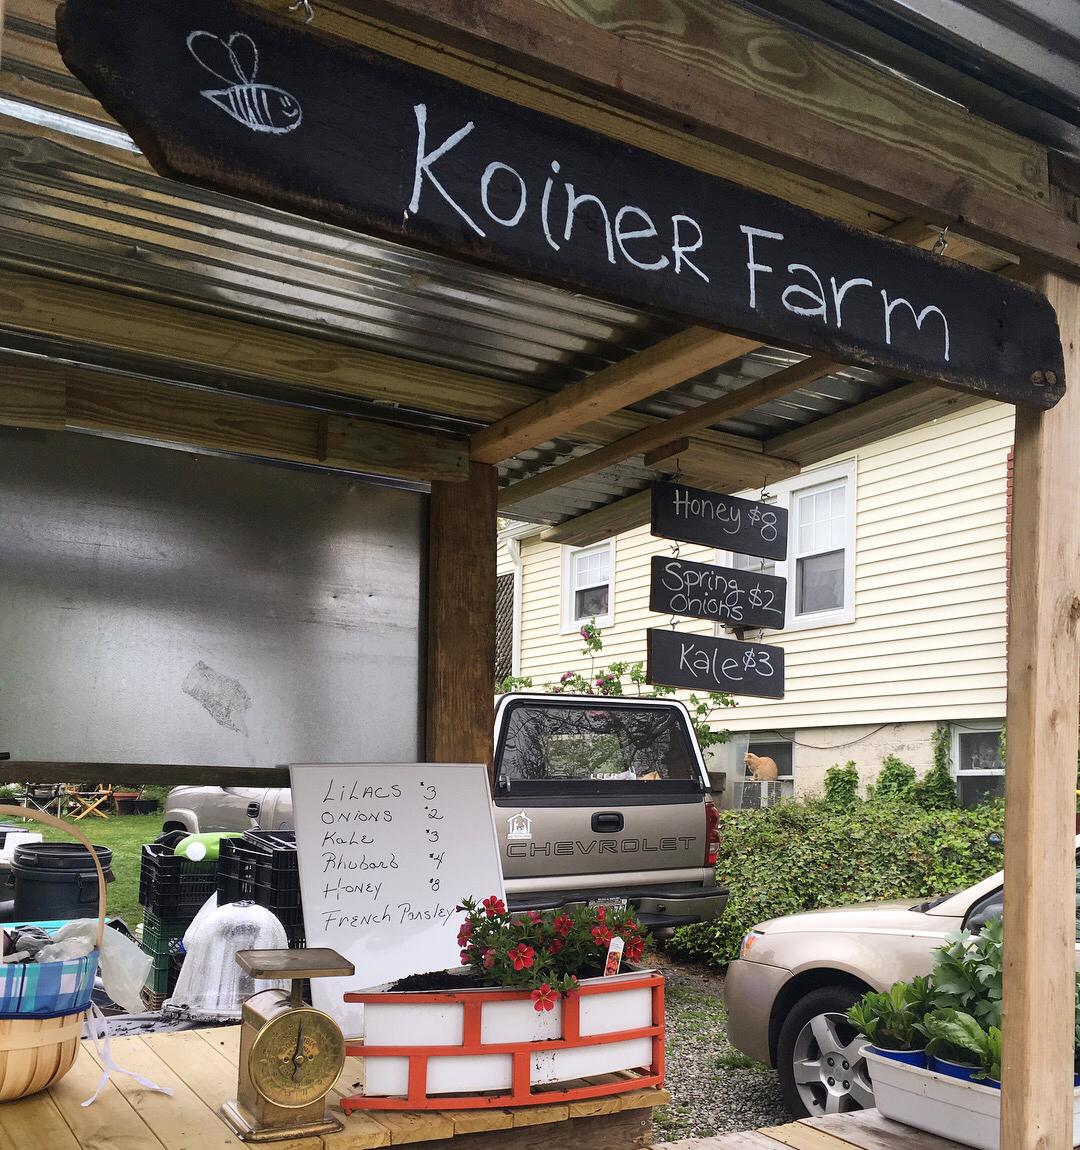 Koiner Farm